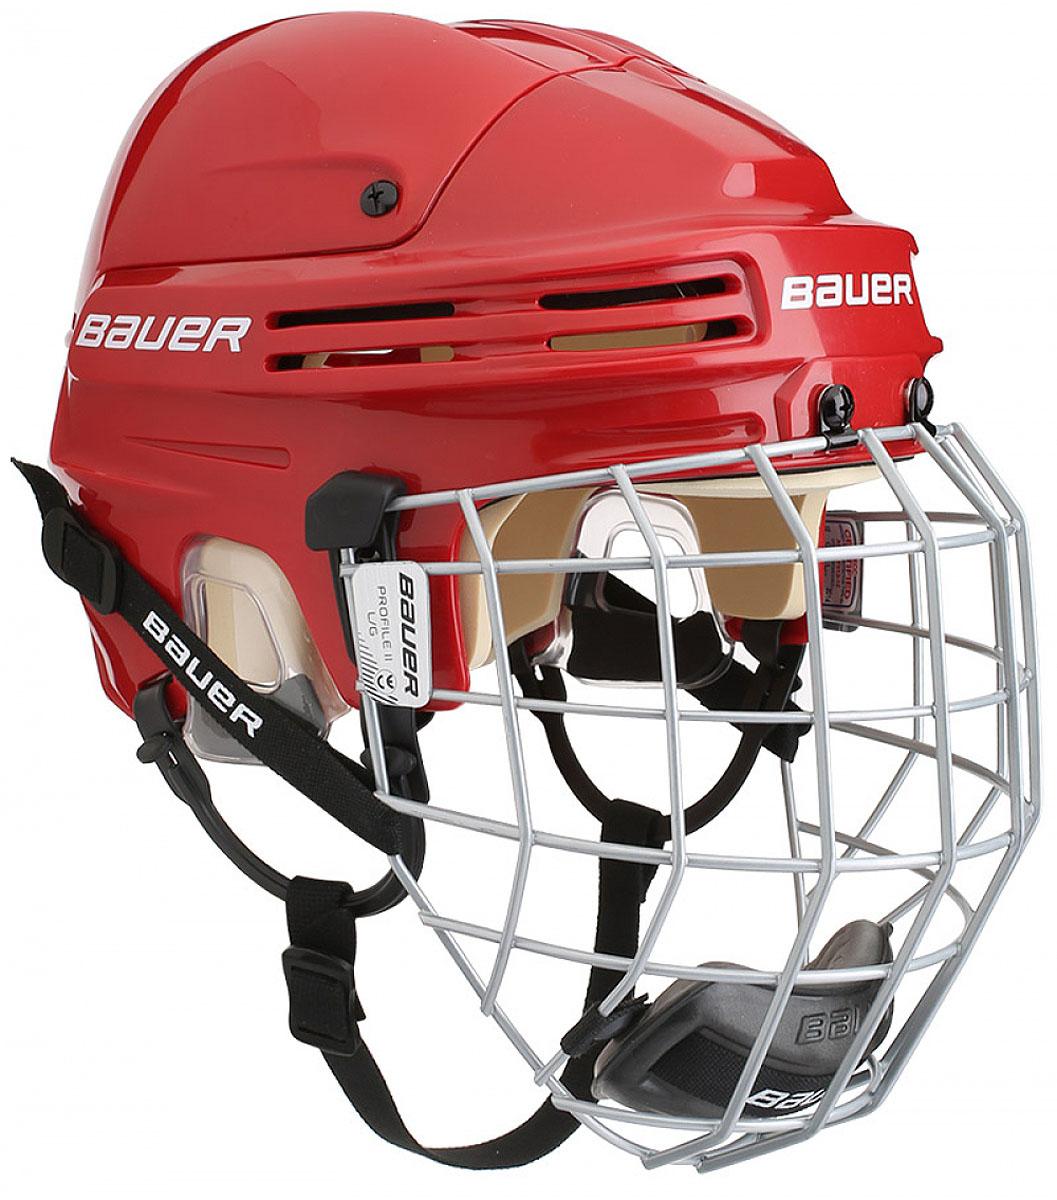 Шлем Bauer  4500 Combo , цвет: красный. 1044665. Размер M - Ледовые коньки, хоккей